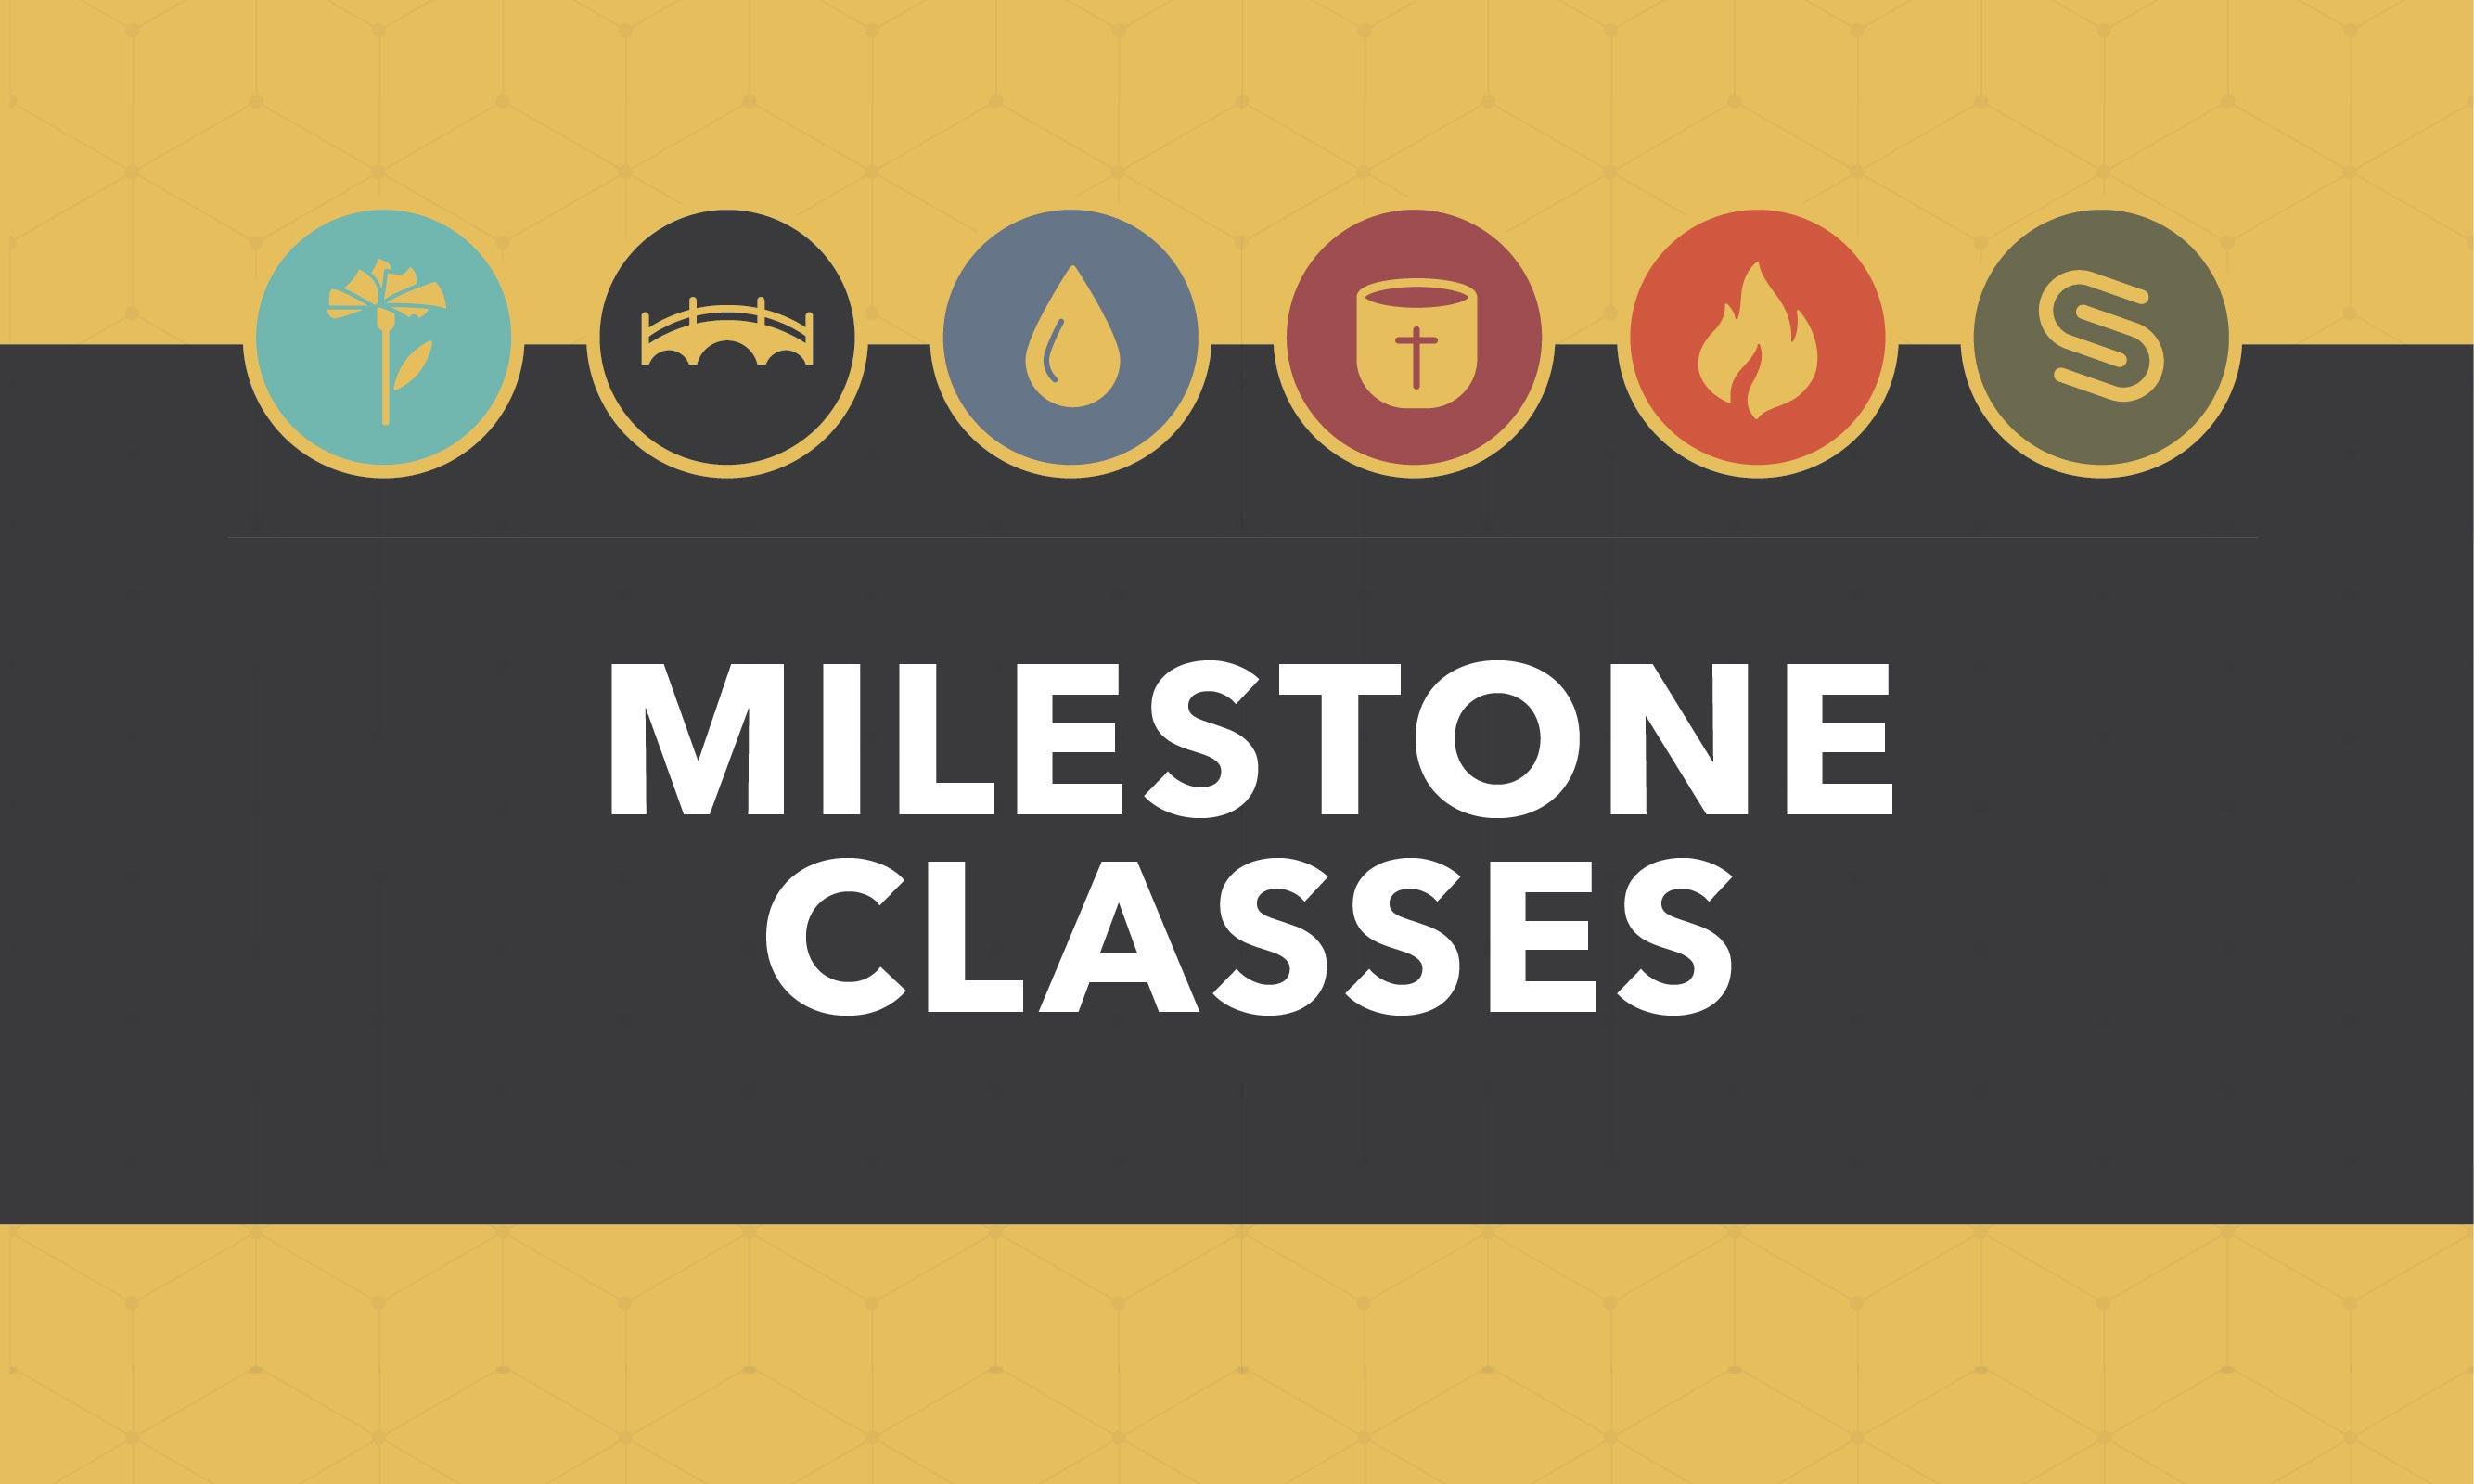 Milestone Classes (AI)